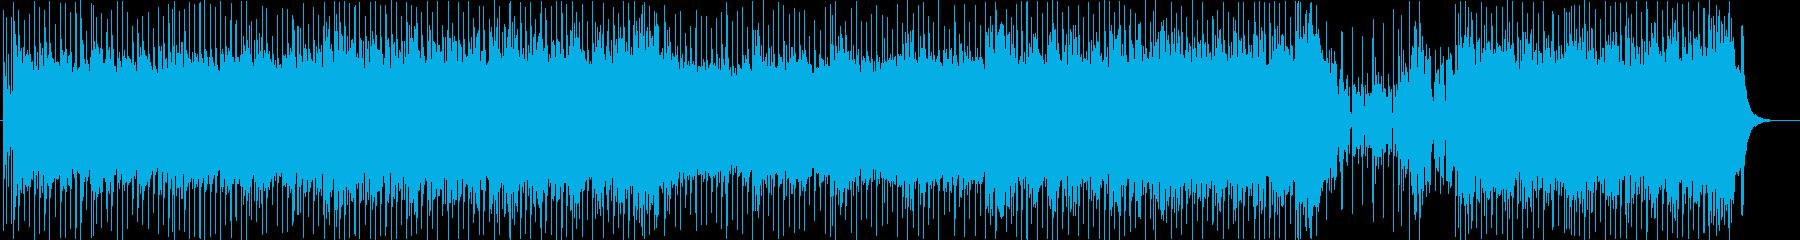 熱く爽やかな夏のドライブフュージョンの再生済みの波形